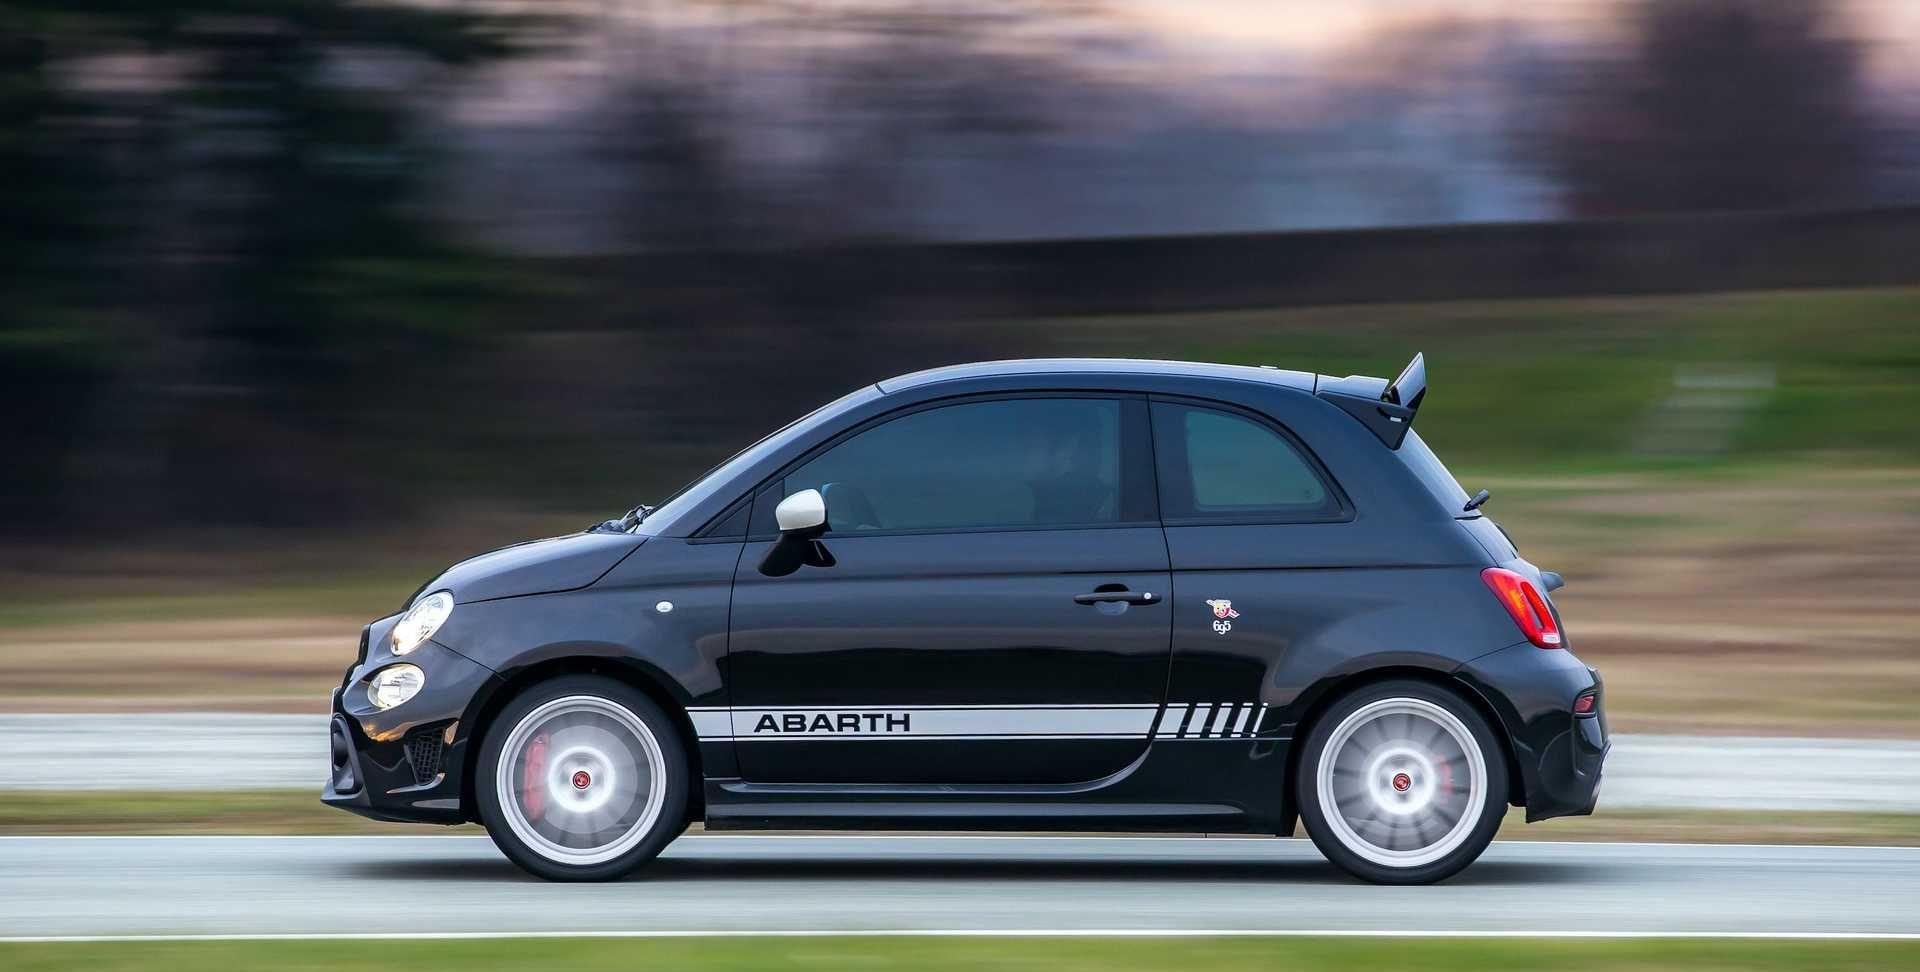 史上最快的菲亚特500诞生了